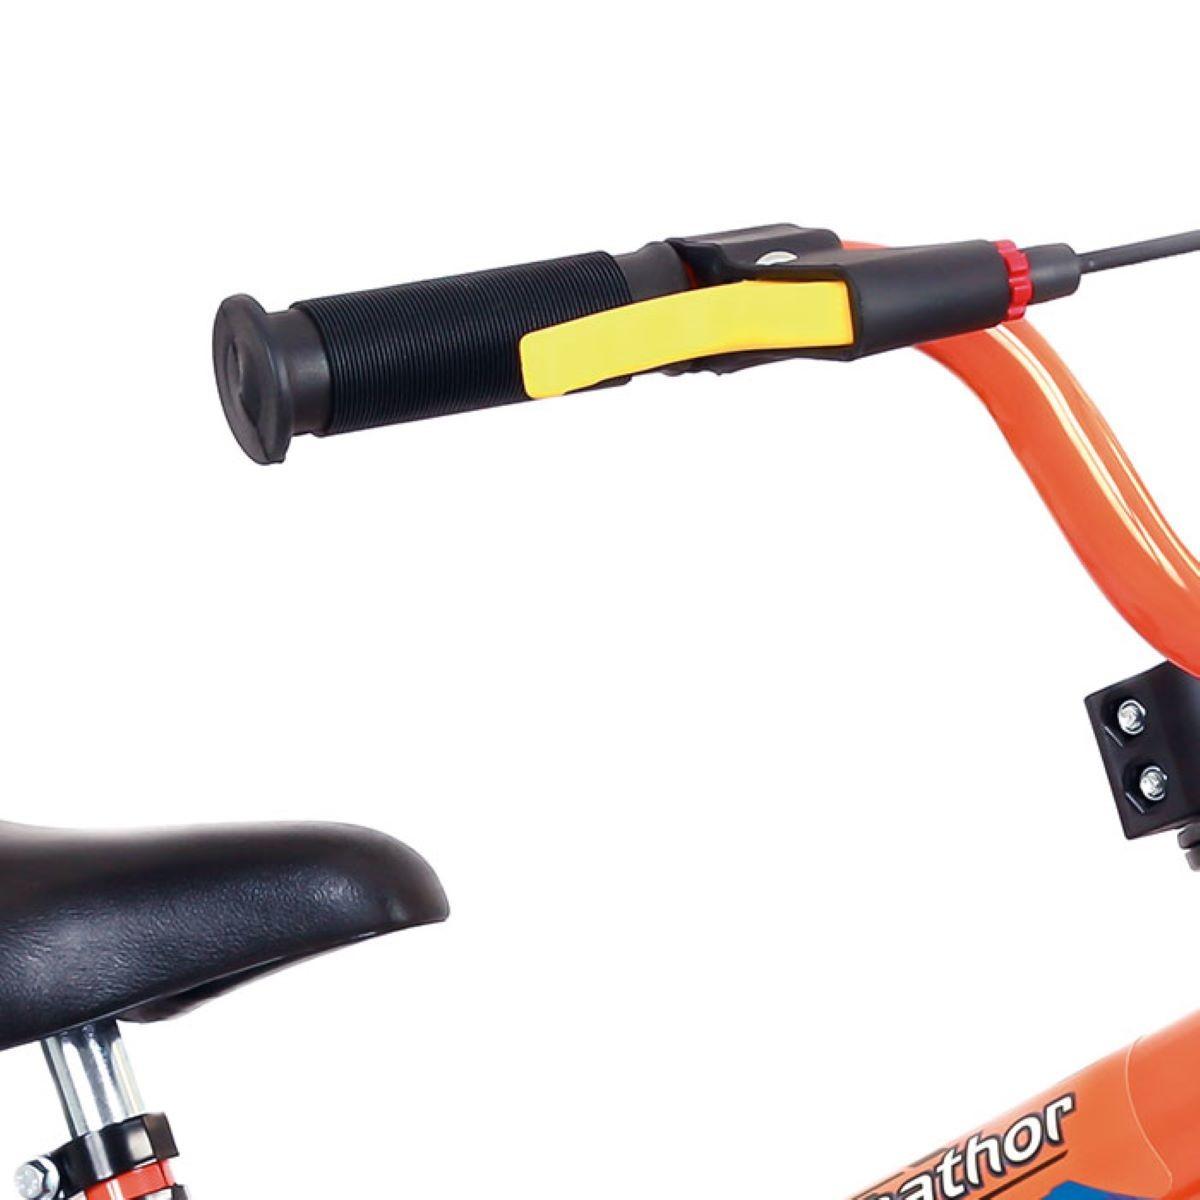 Bicicleta Infantil Nathor Aro16 Menino Extreme De 5 A 8 Anos